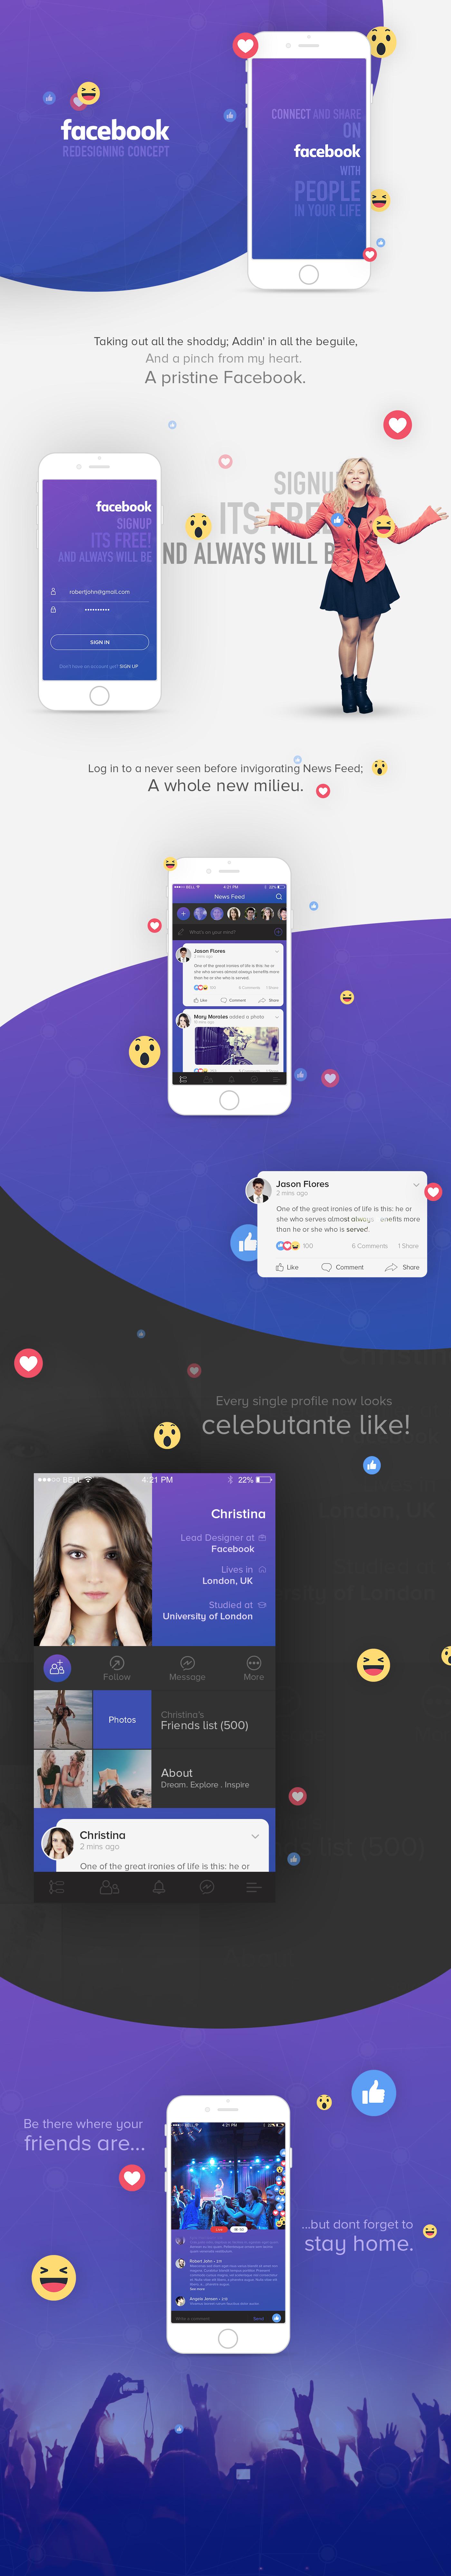 user interface design ui design UX design UI ux graphic design  redesign iphone app concept branding